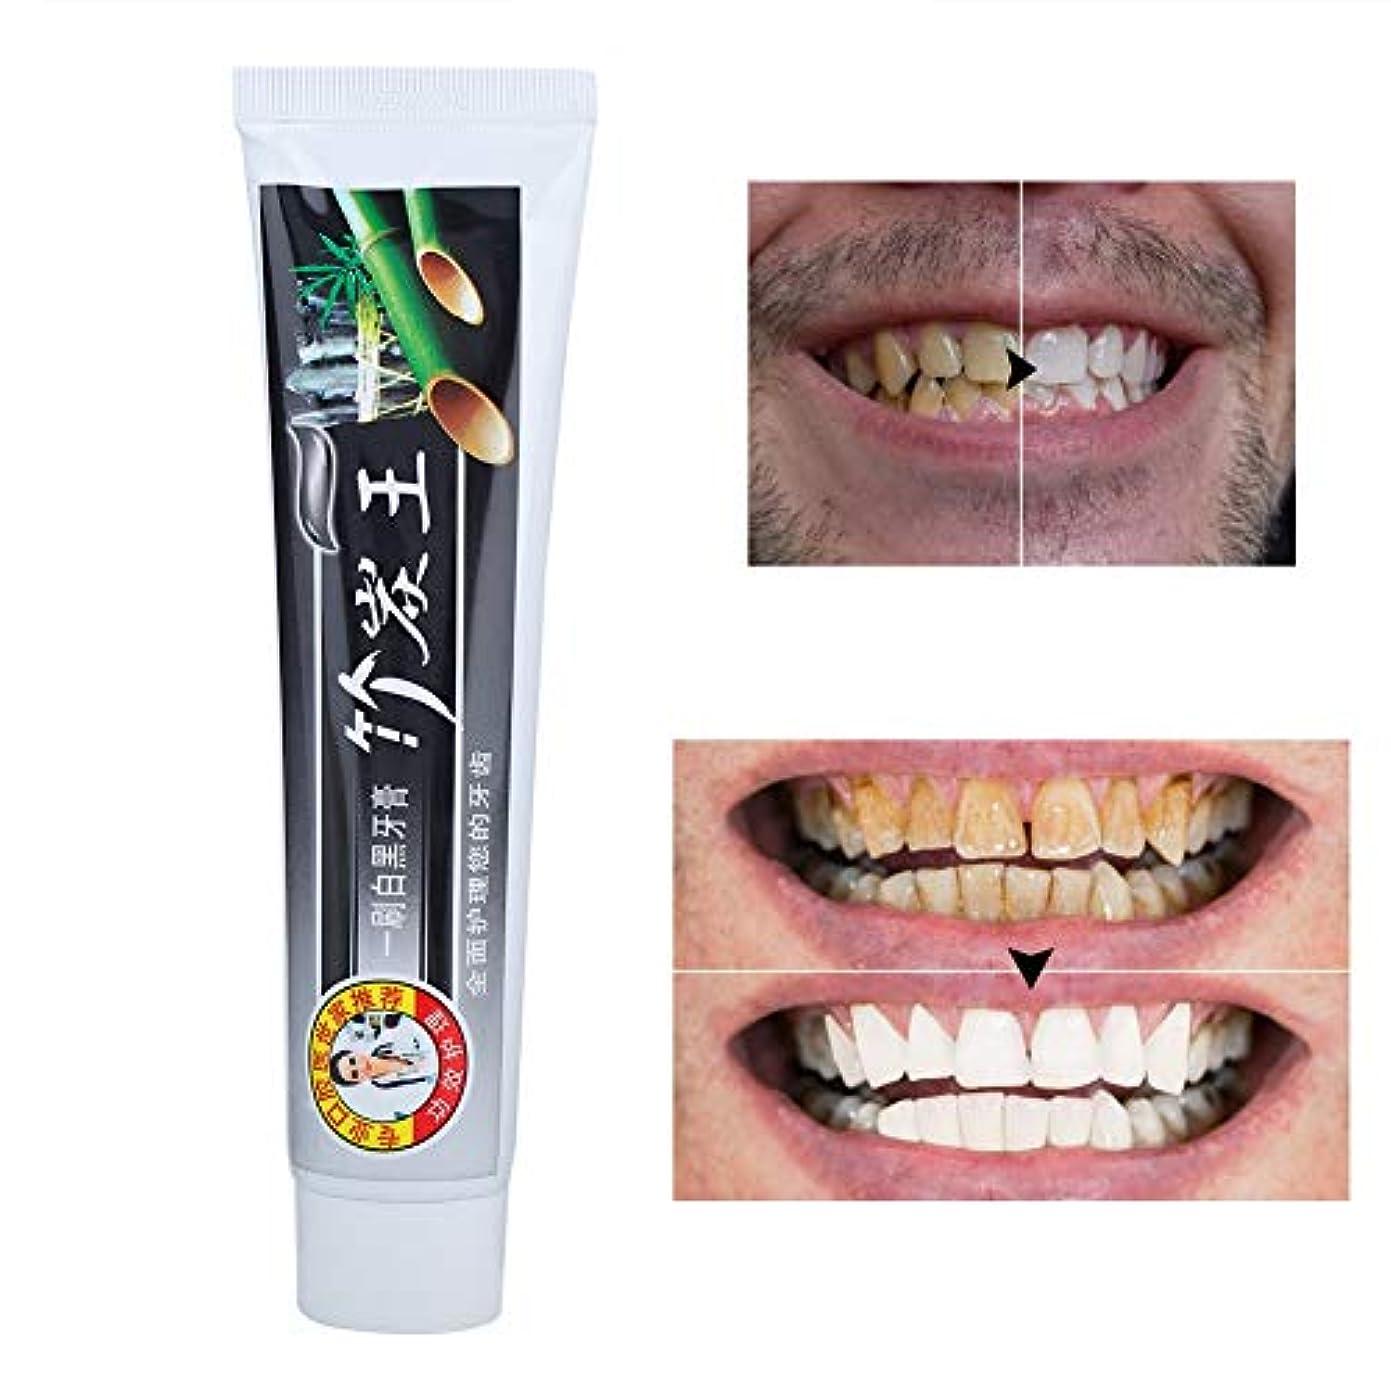 定期的にテザーコロニー汚れを白くする竹炭の抗口臭160gは、口腔ケアの歯磨き粉を取り除きます